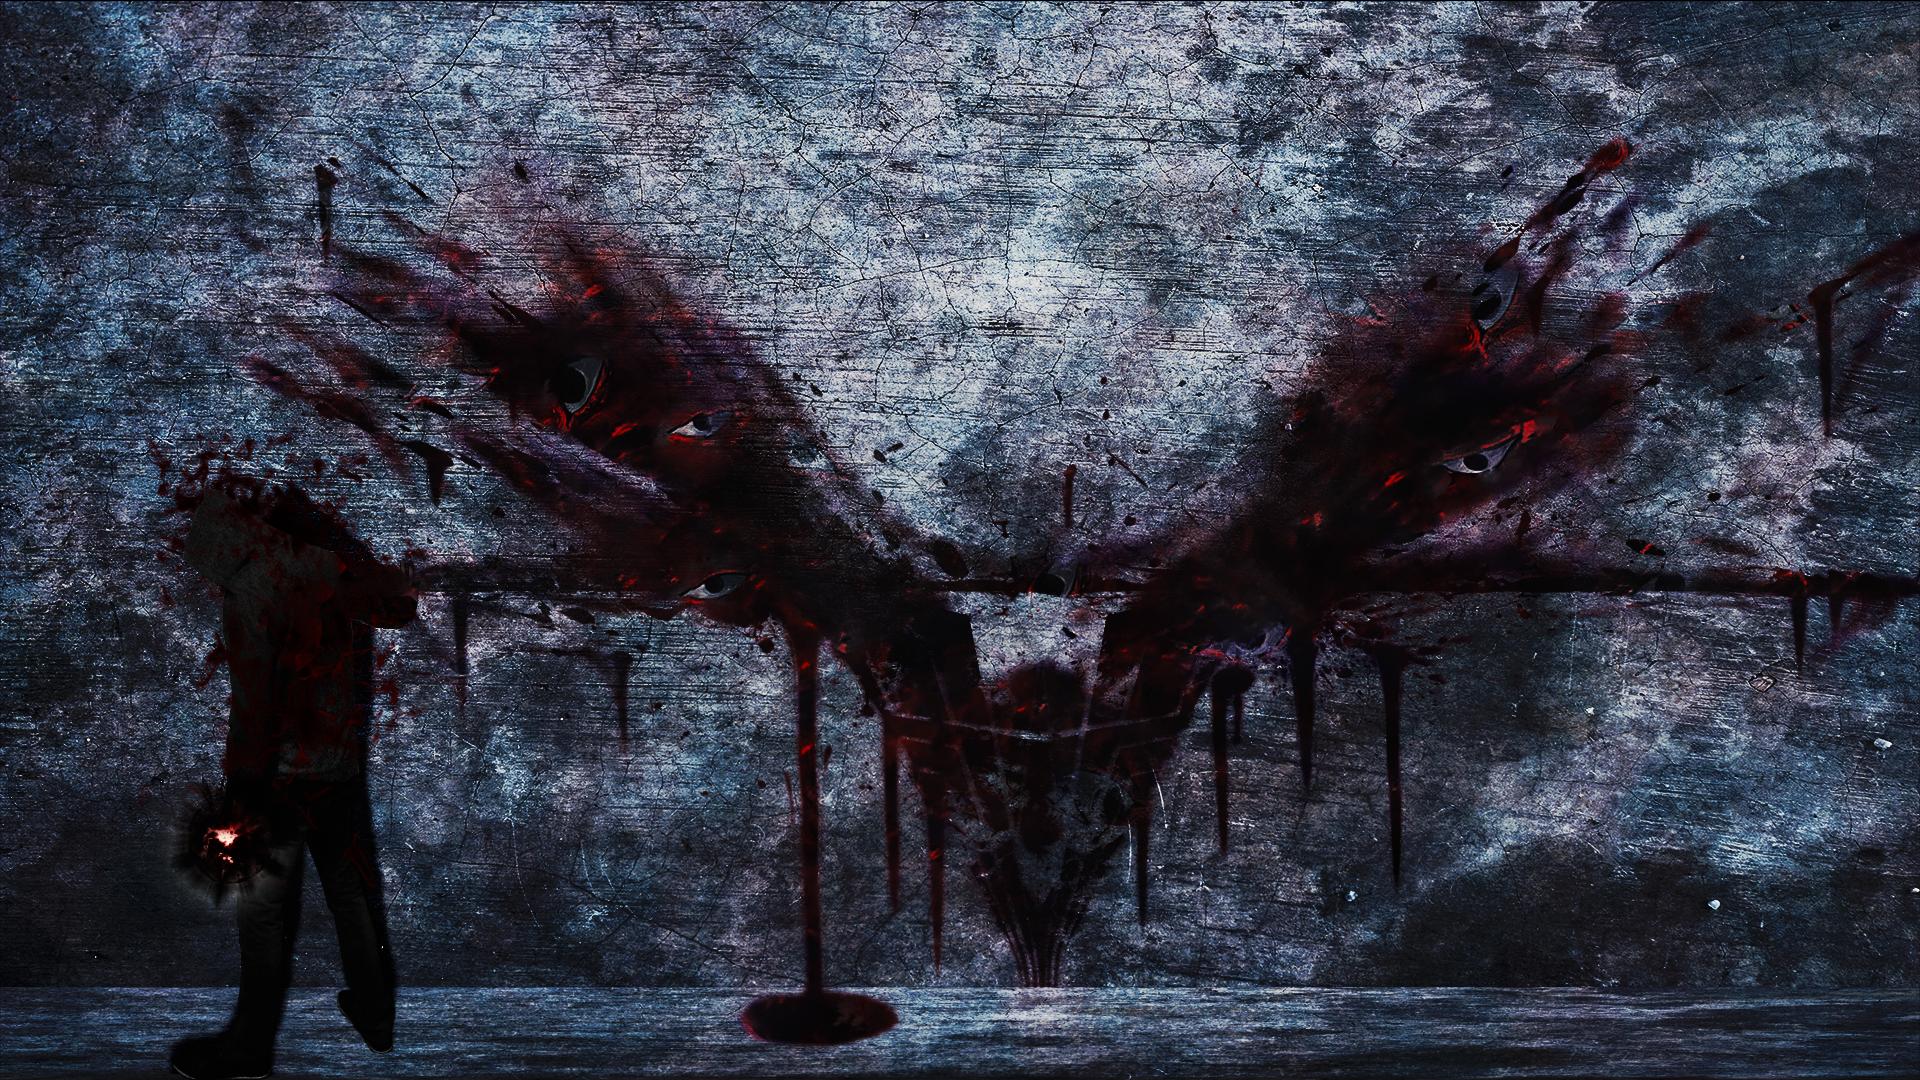 Sinister Wallpaper